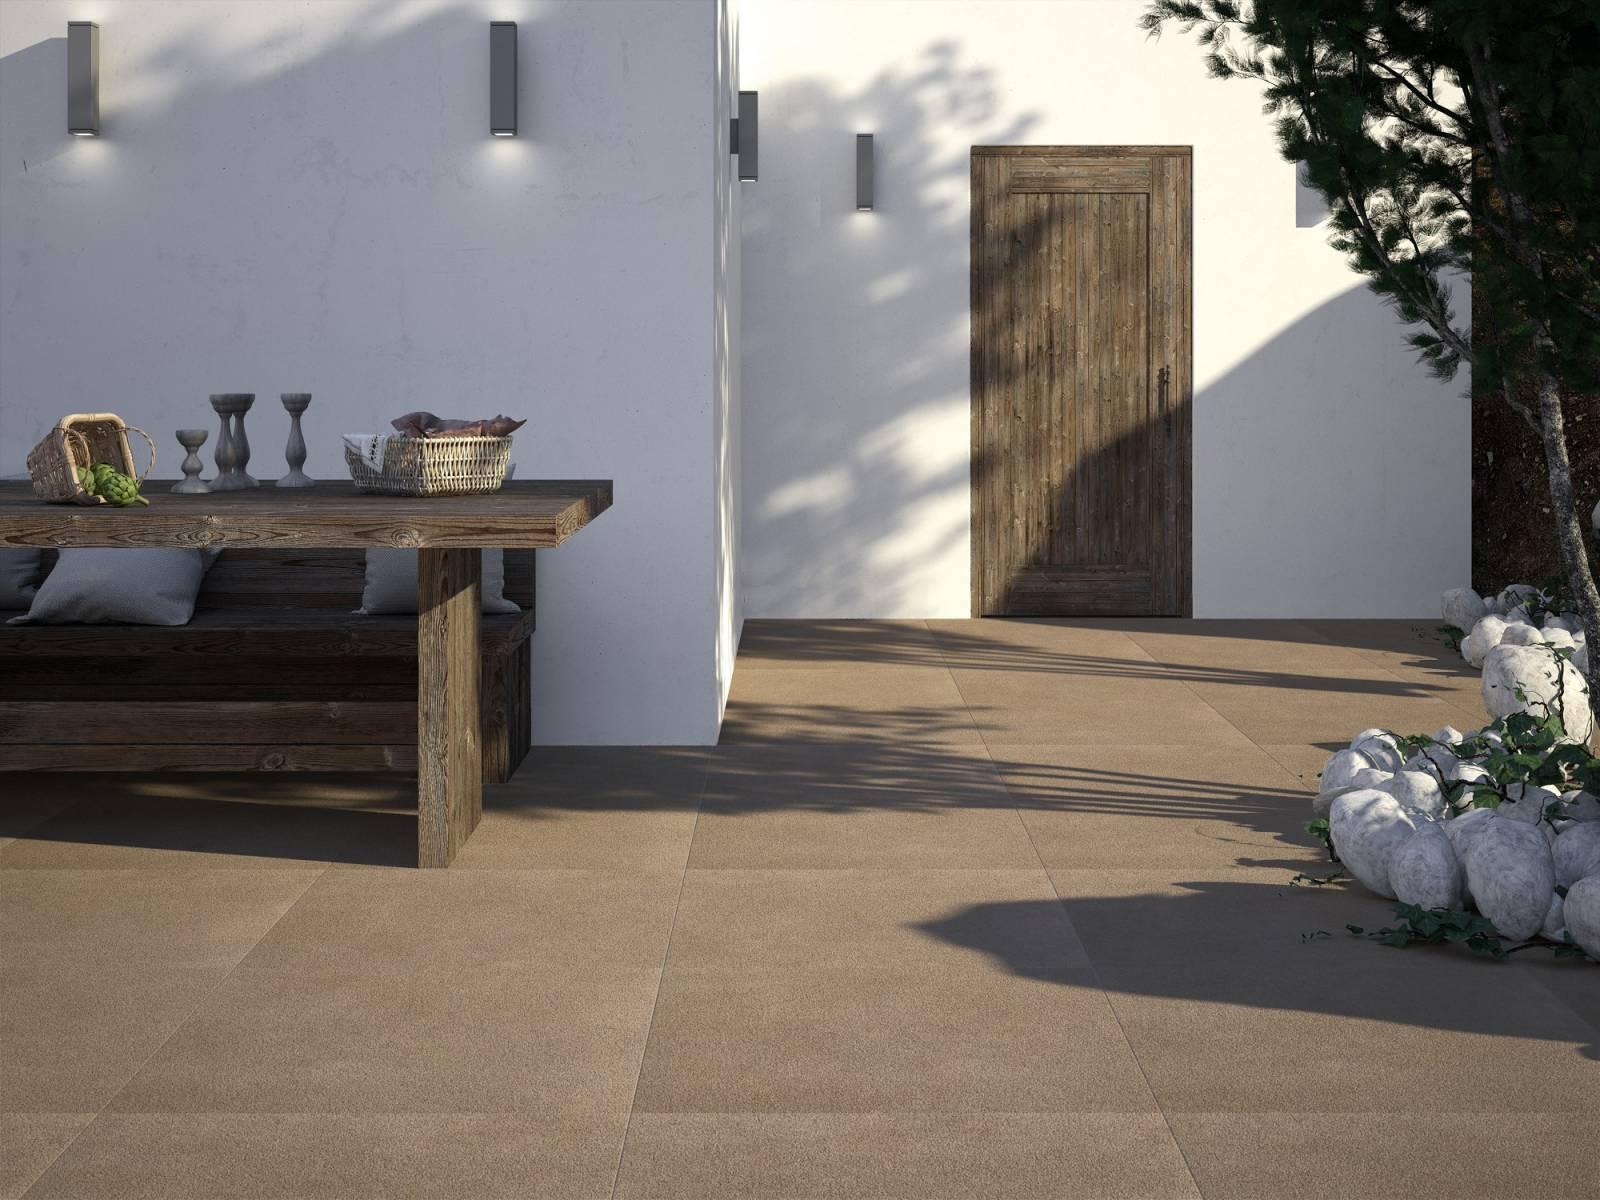 Choisir son carrelage grand format extérieur aspect pierre